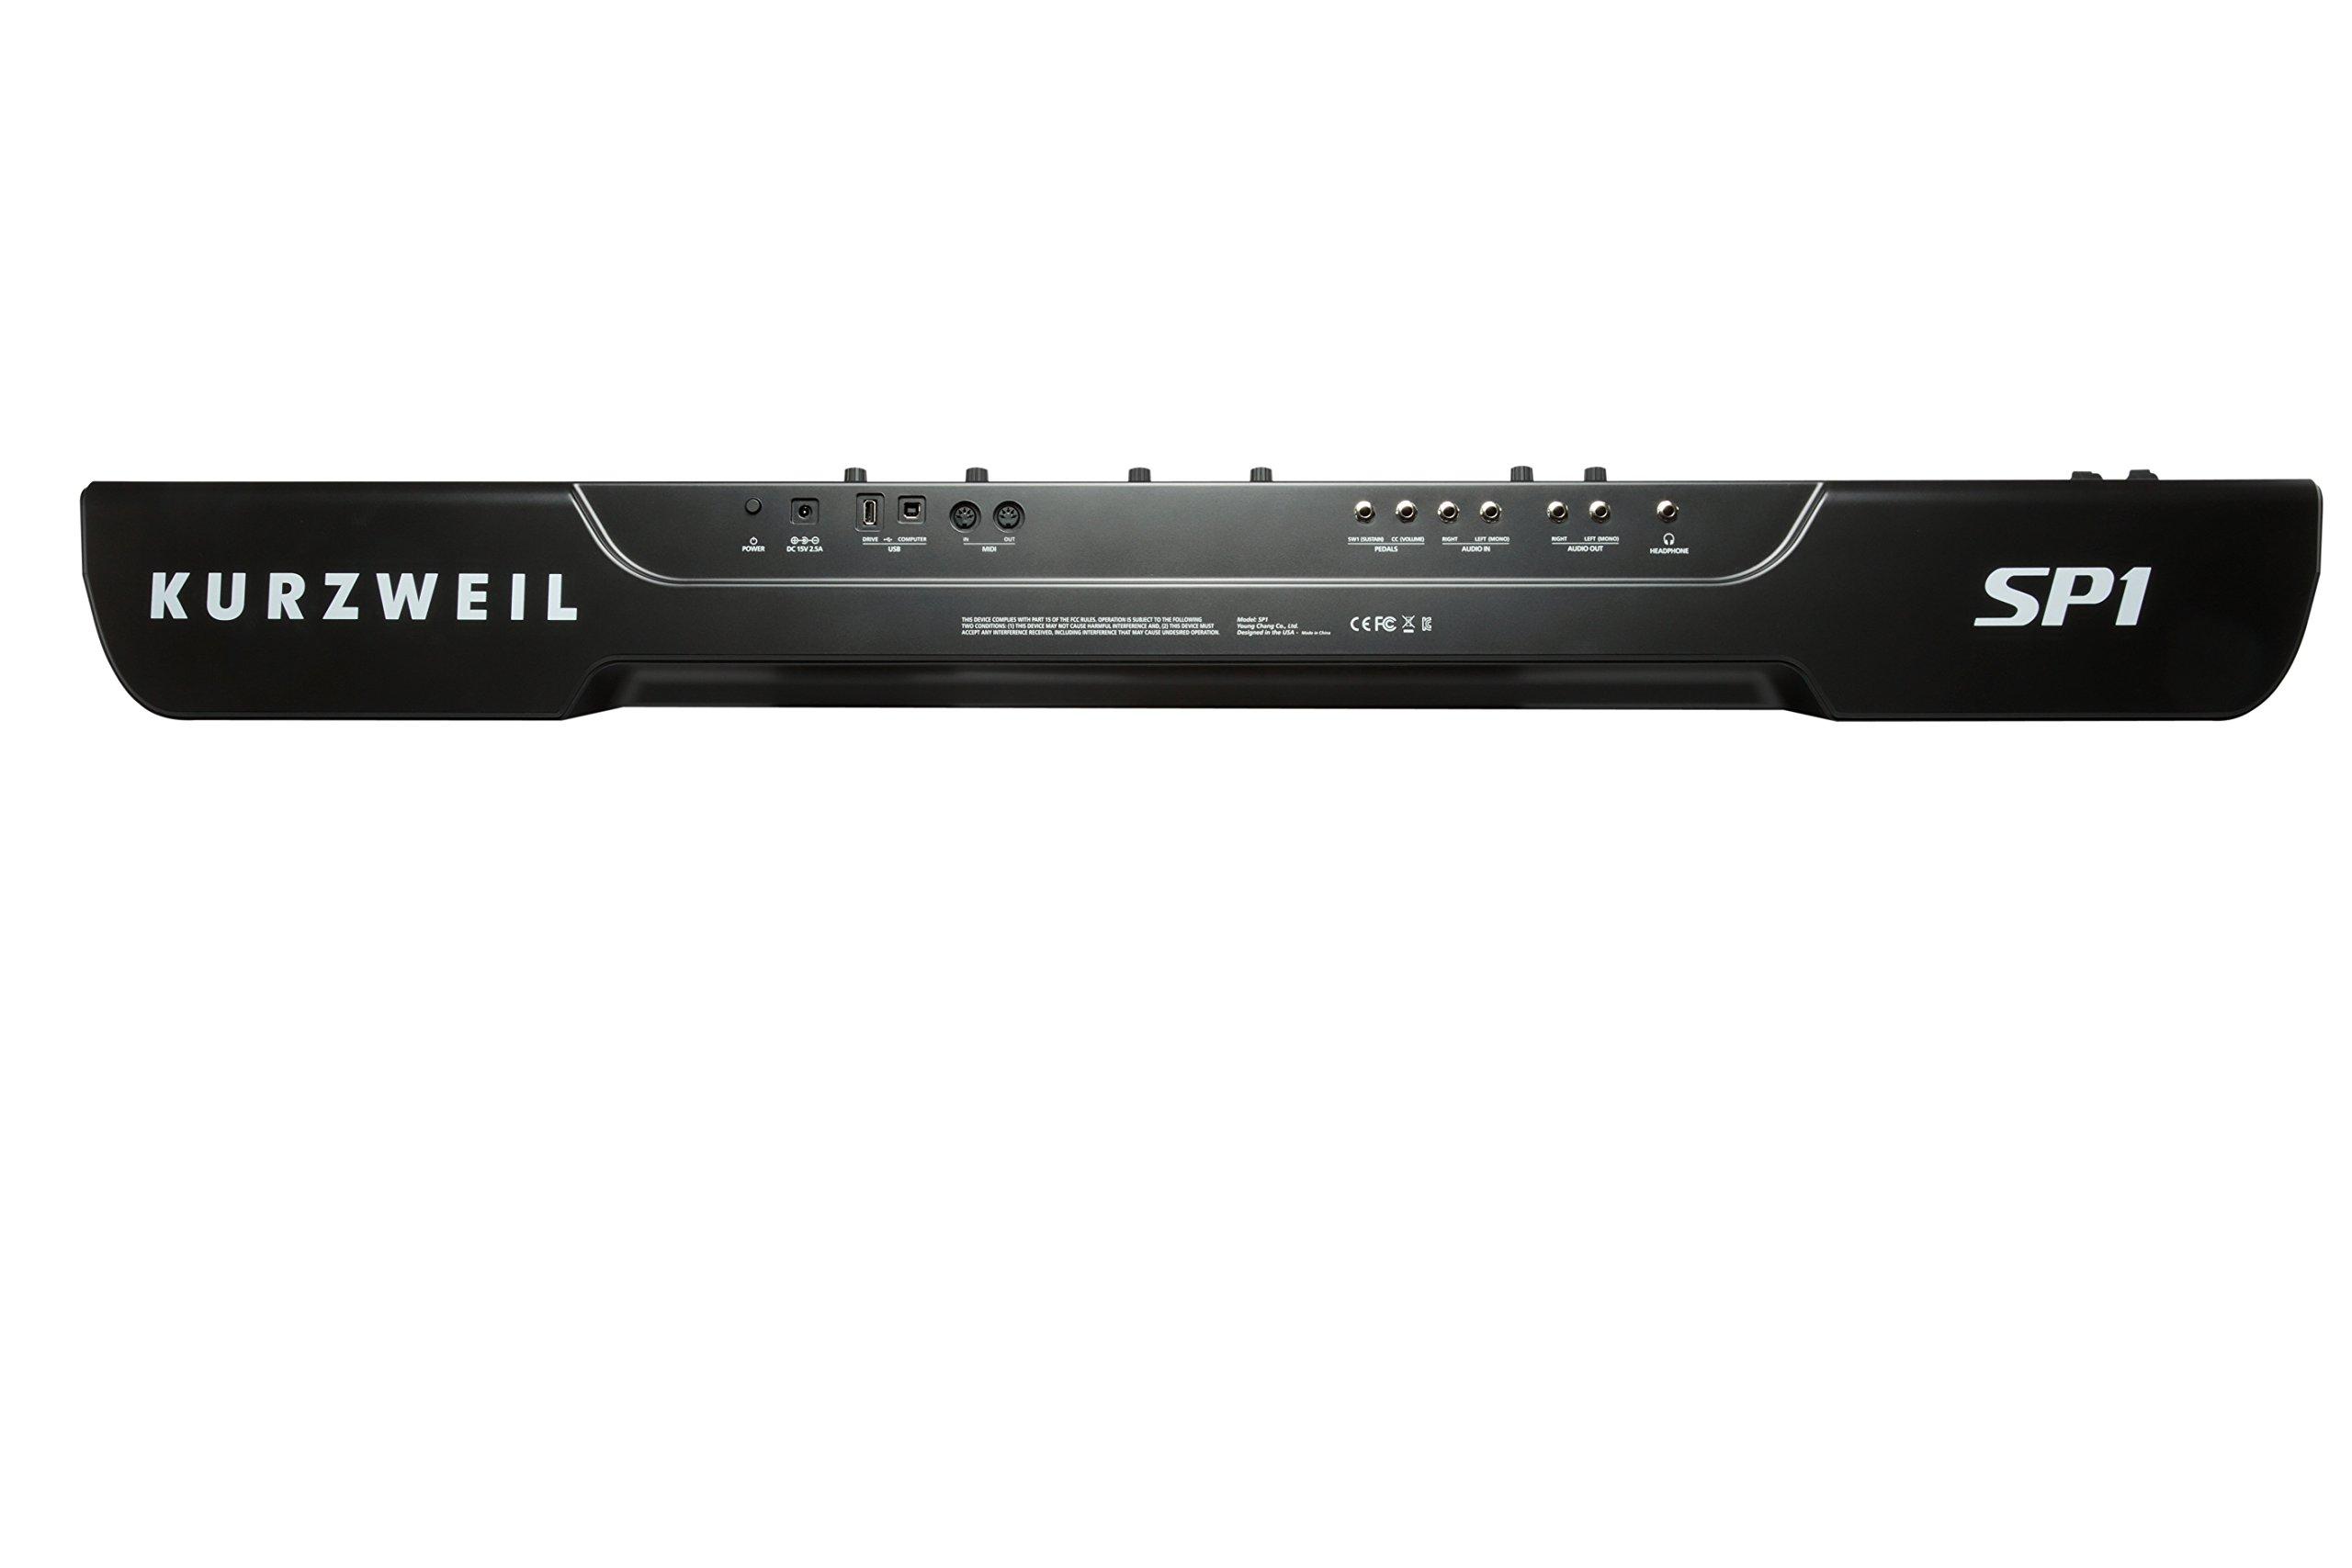 Kurzweil SP1 88-Key Stage Piano, Black (SP1-LB) by Kurzweil (Image #7)